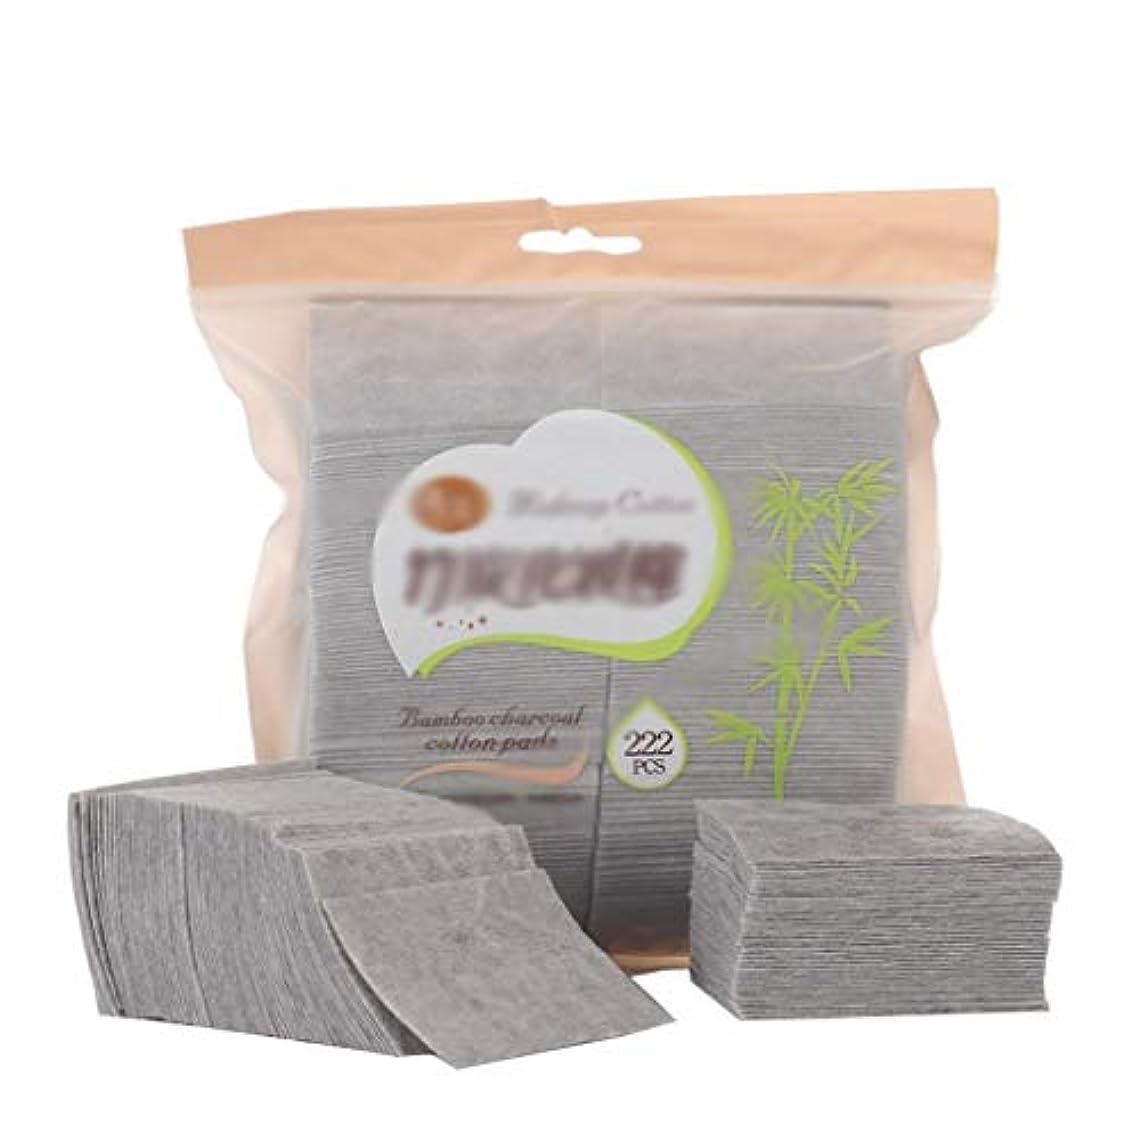 オリエント住む見捨てるクレンジングシート 222ピース箱入り竹炭化粧コットンパッド両面使い捨て洗顔コットンポータブルメイクアップコットンピース (Color : Gray, サイズ : 5*7cm)